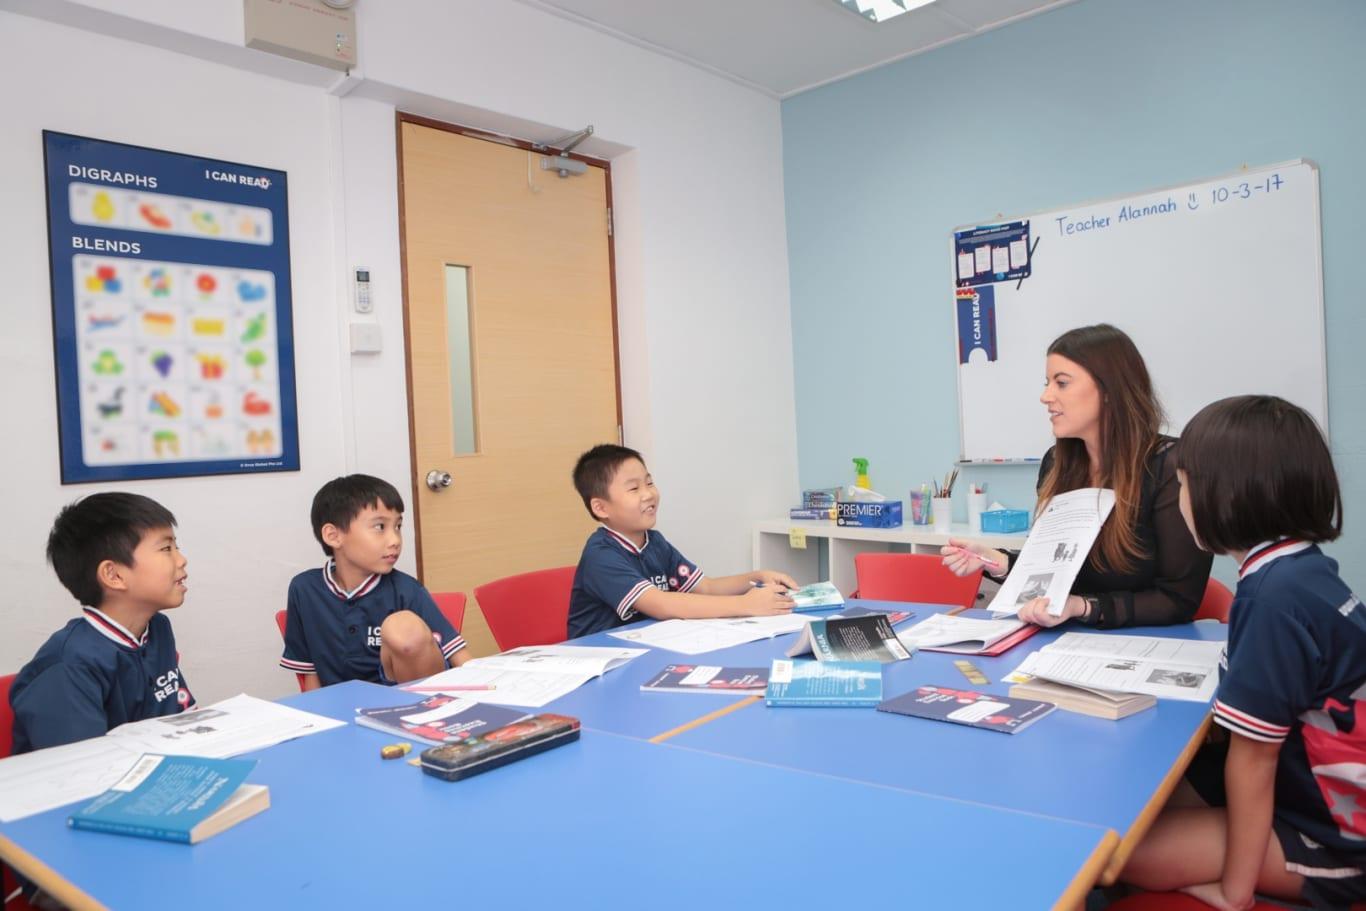 môi trường cho trẻ rối loạn ngôn ngữ